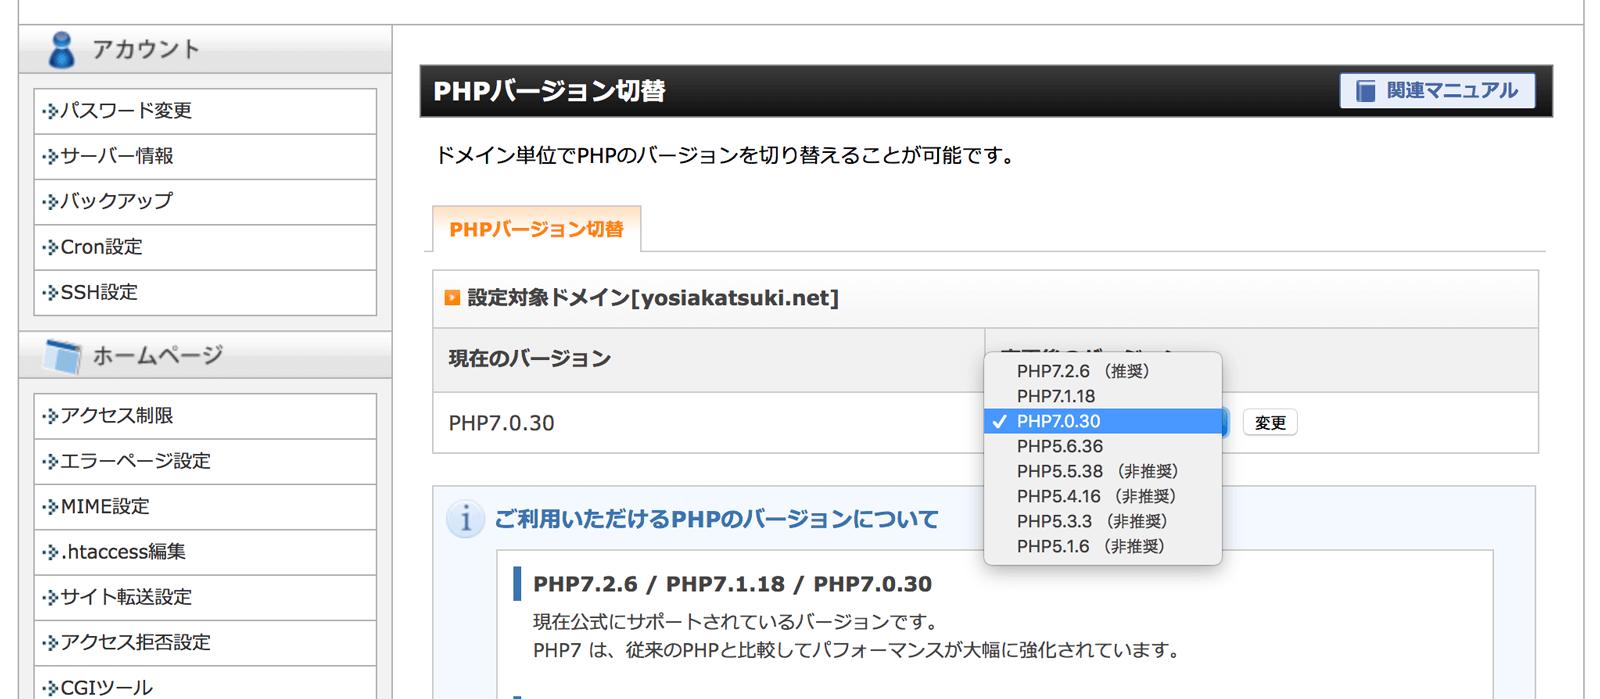 切り替えるPHPバージョンを選択する